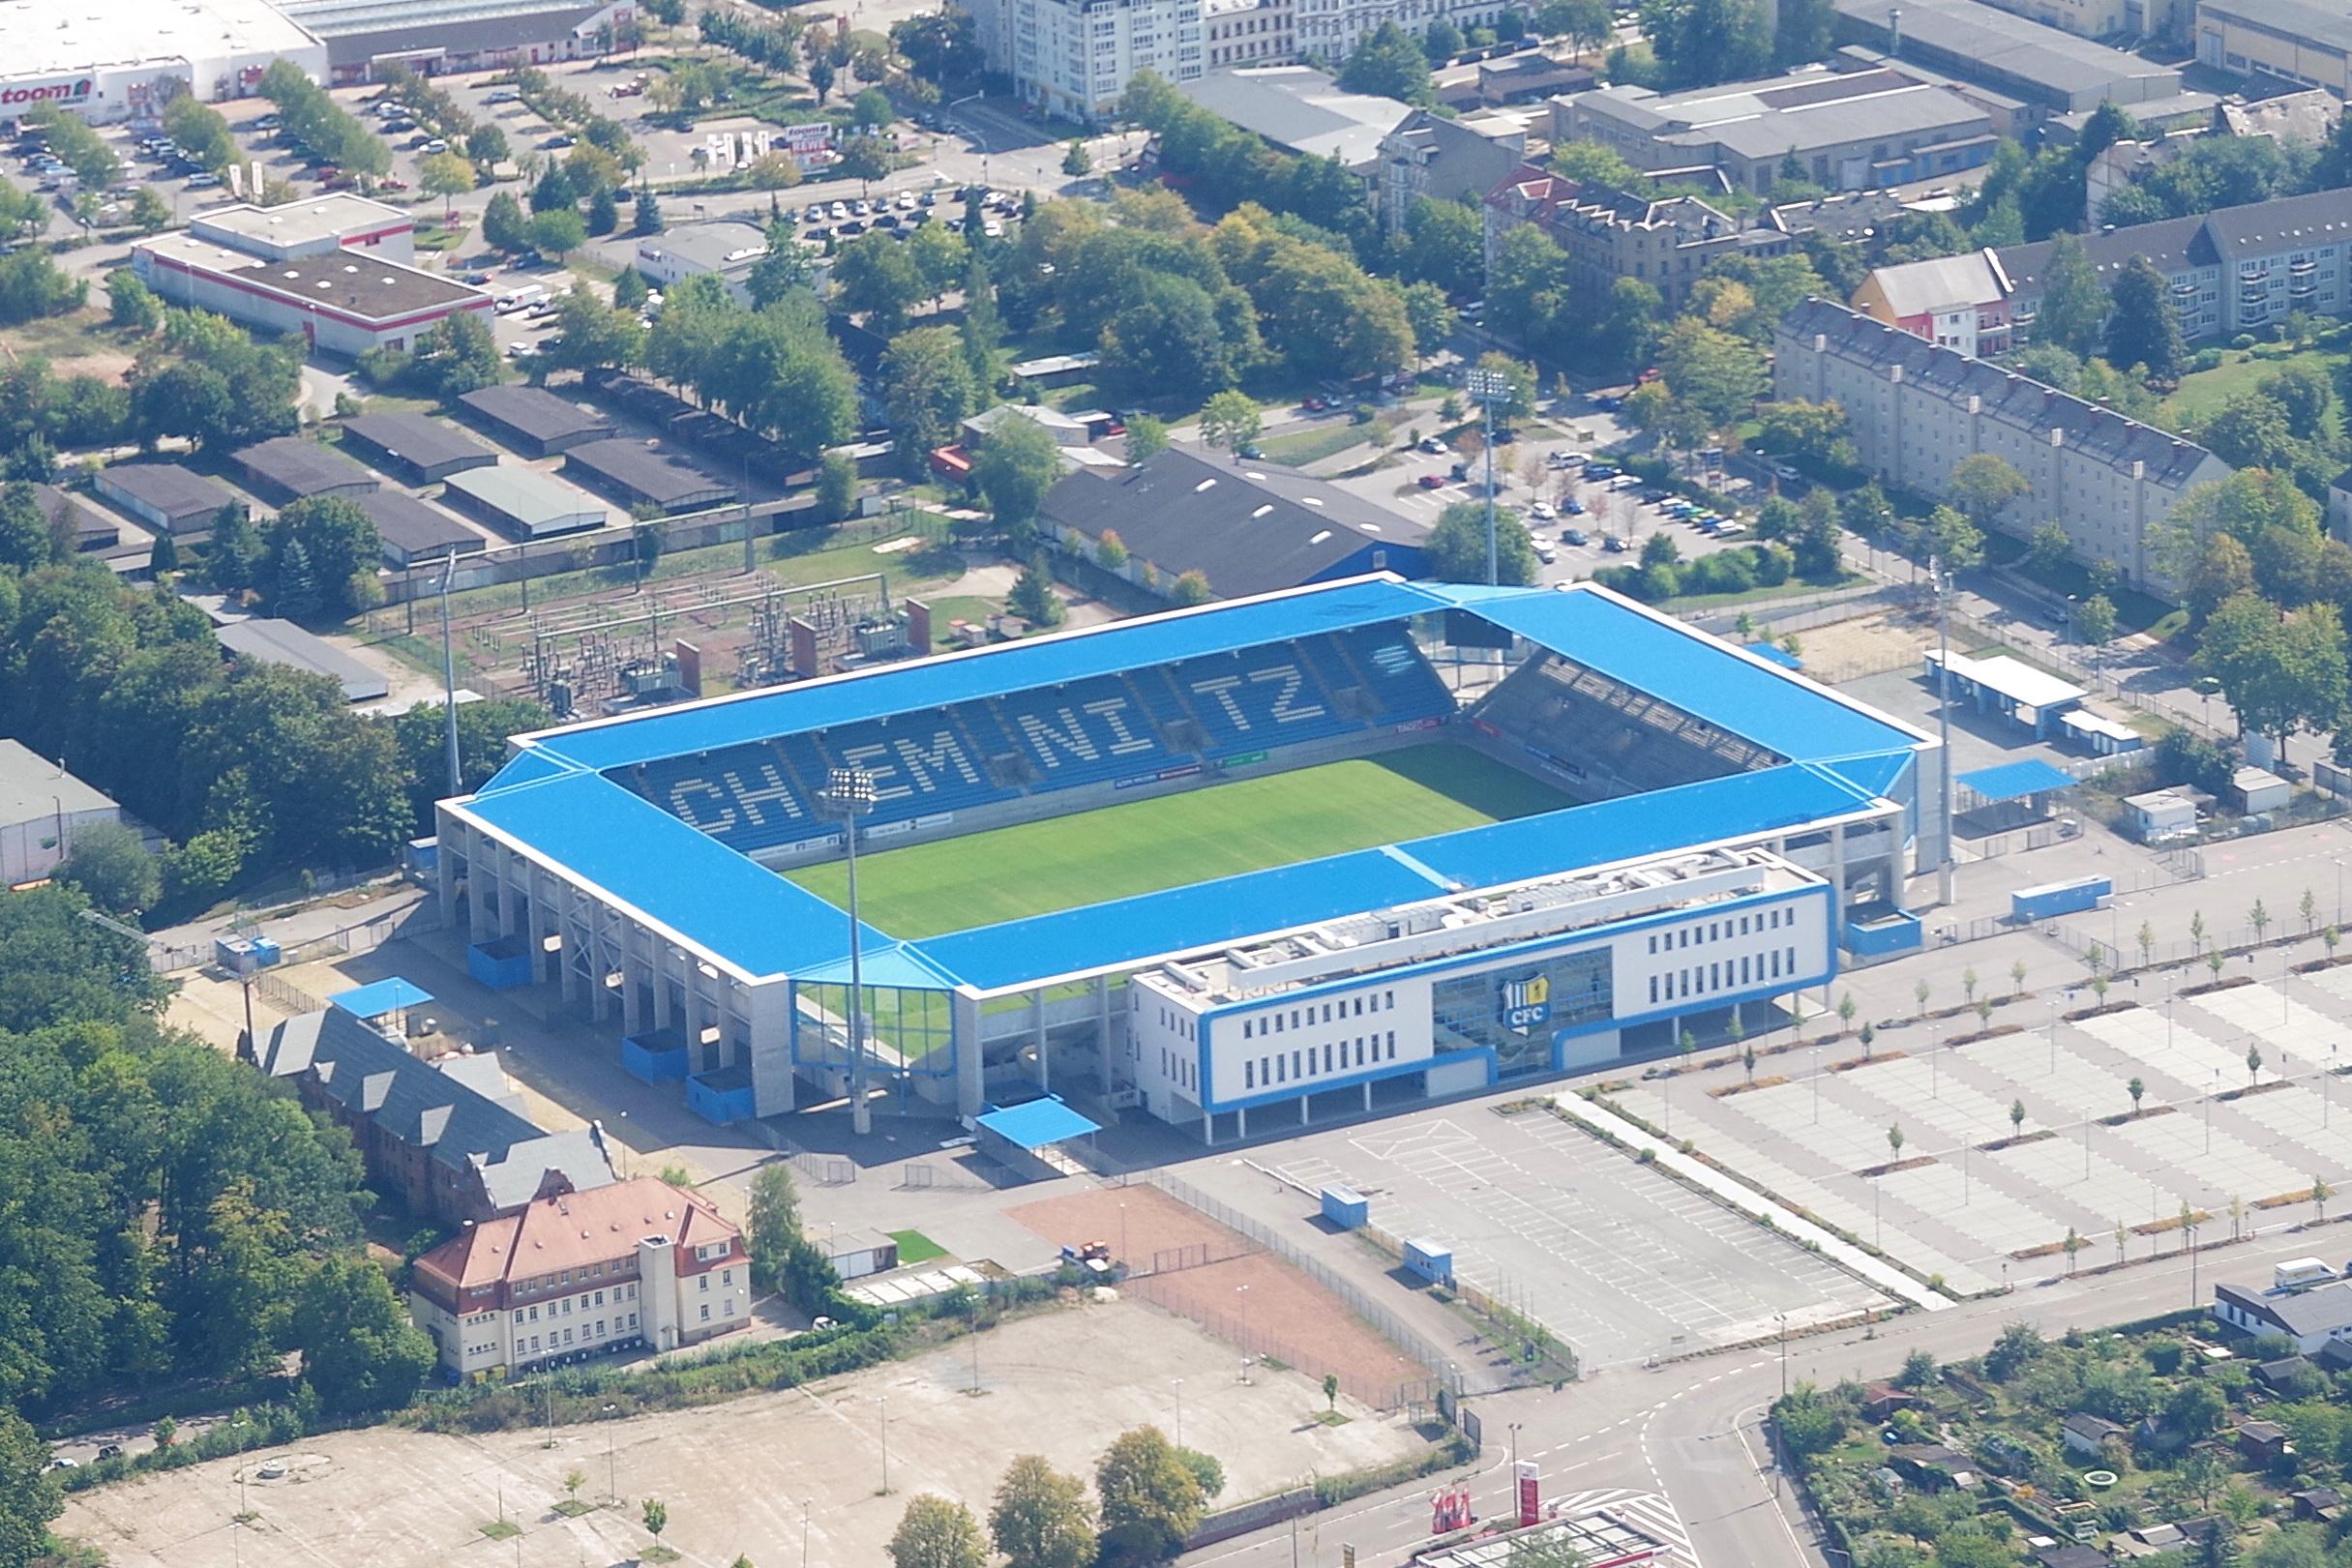 Luftbild des Stadions 2018